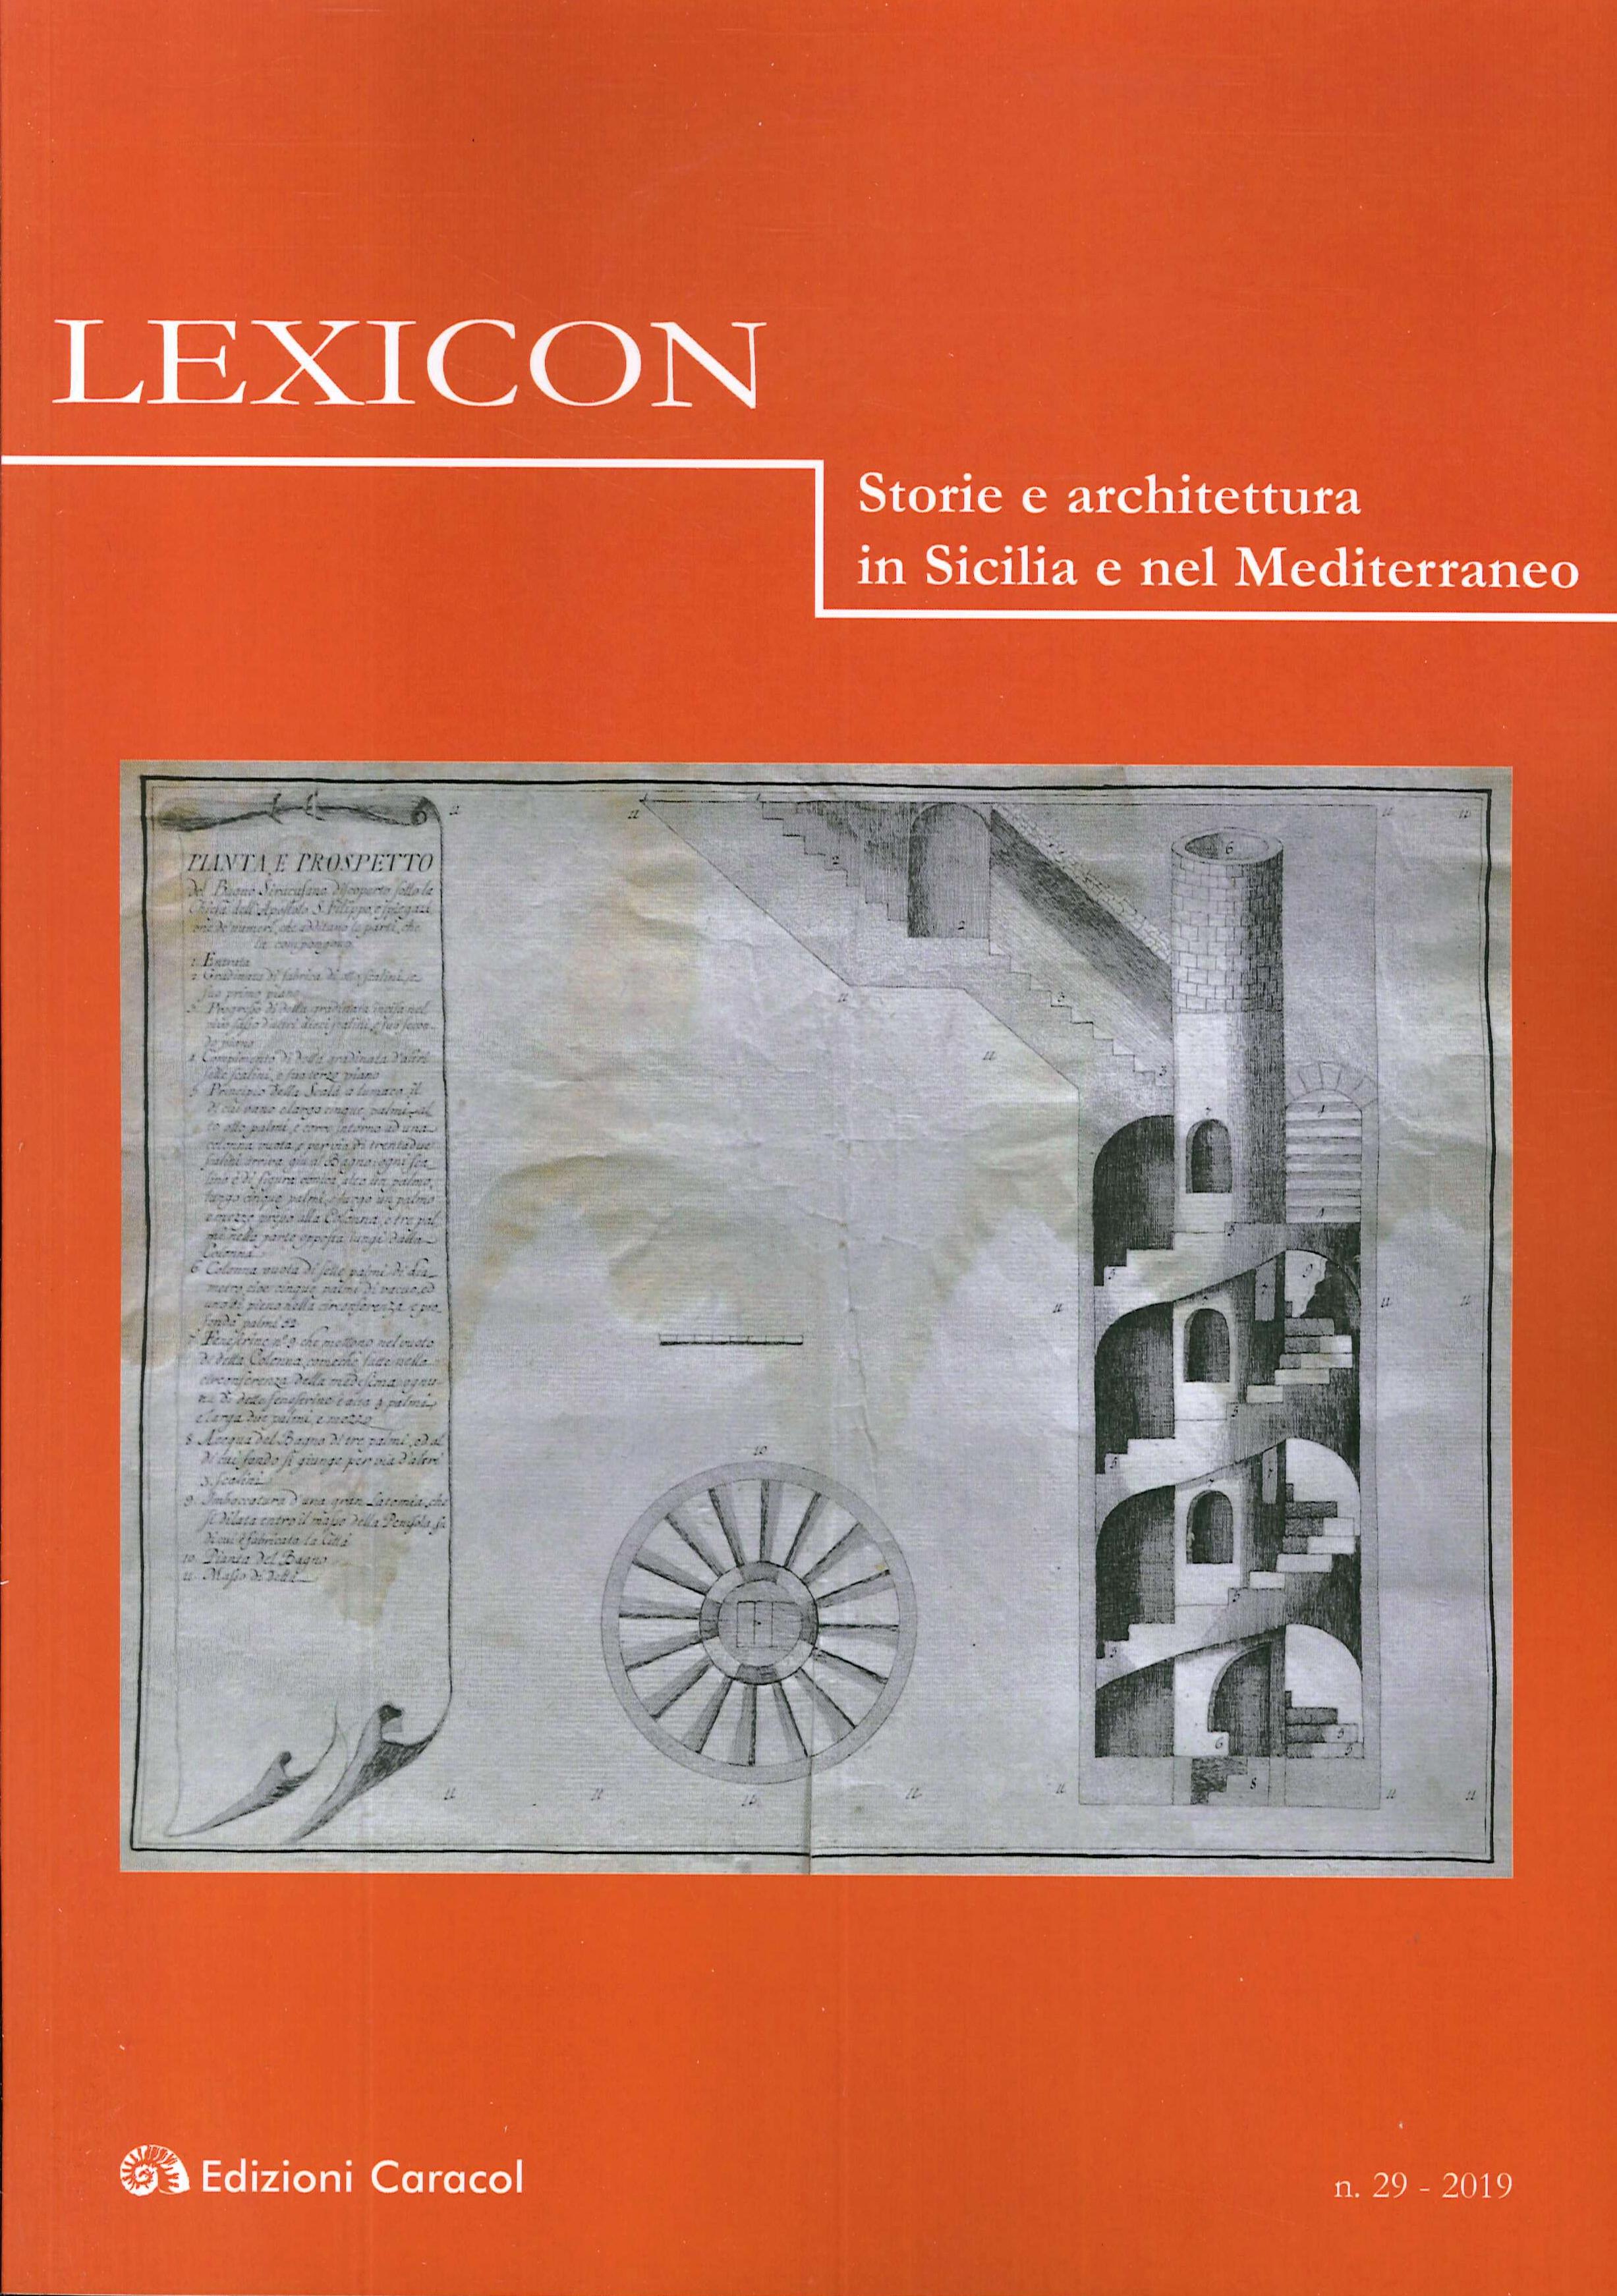 Lexicon. Storie e architettura in Sicilia e nel Mediterraneo (2019). Vol. 29